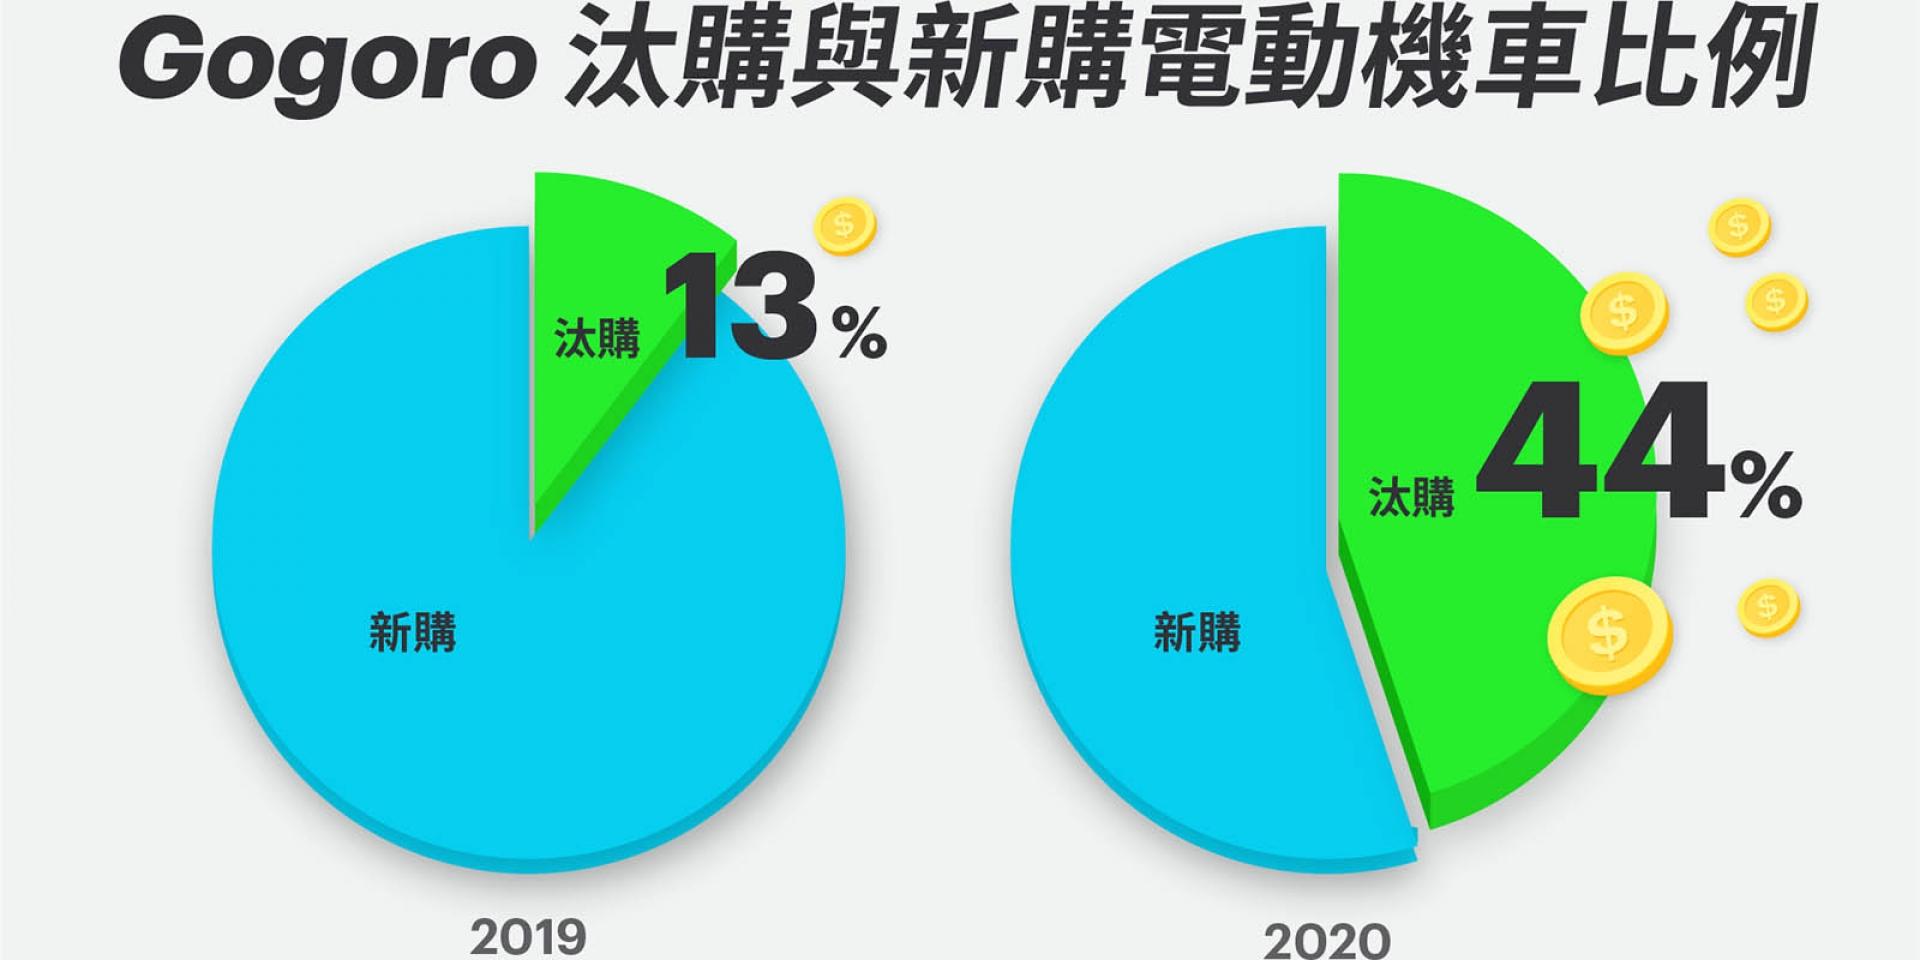 官方新聞稿。電電呷三碗公 電動機車市場迅速回溫 Gogoro「照反有理」 已有44%銷售來自汰舊換新